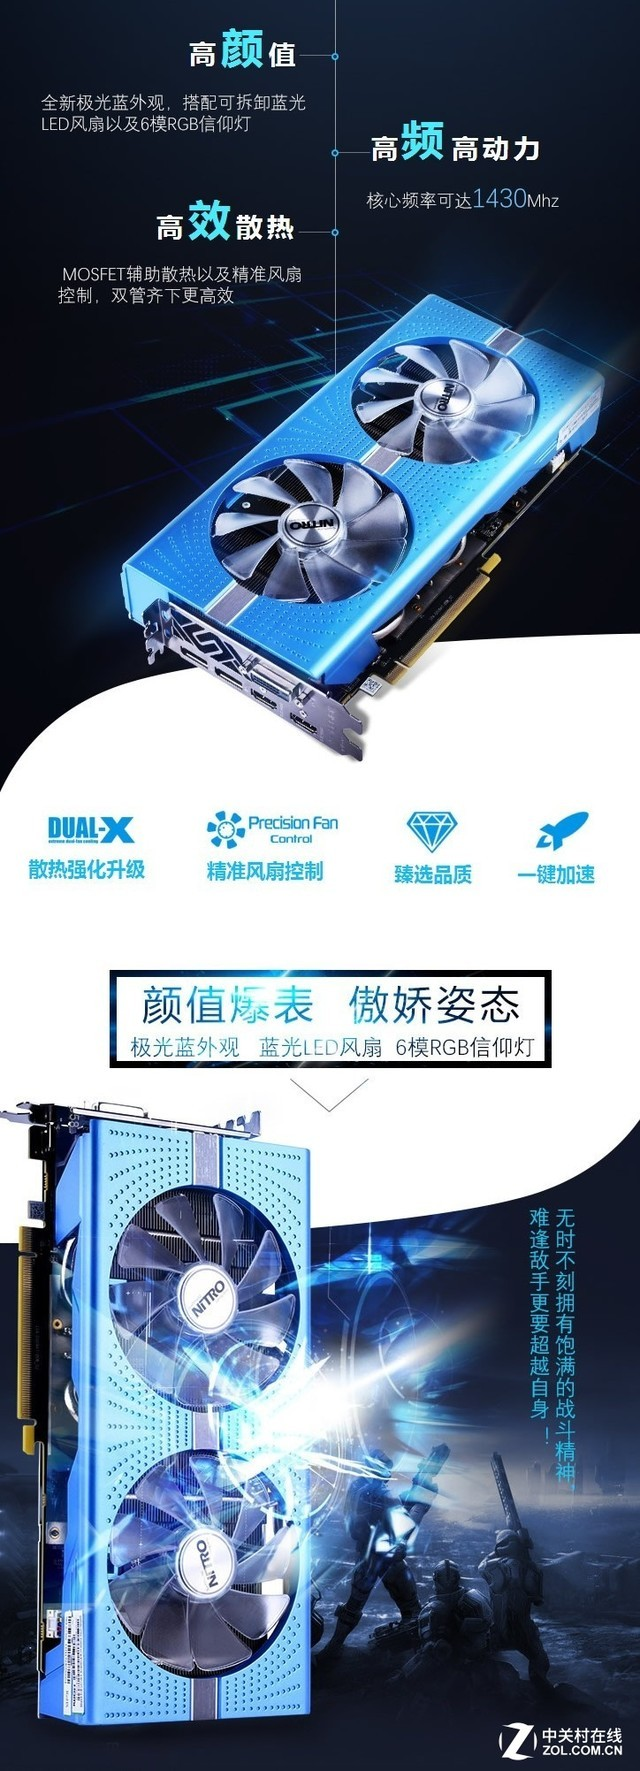 不等双十一 蓝宝石RX580 8G D5超白金极光特别版提前逆袭京东天猫